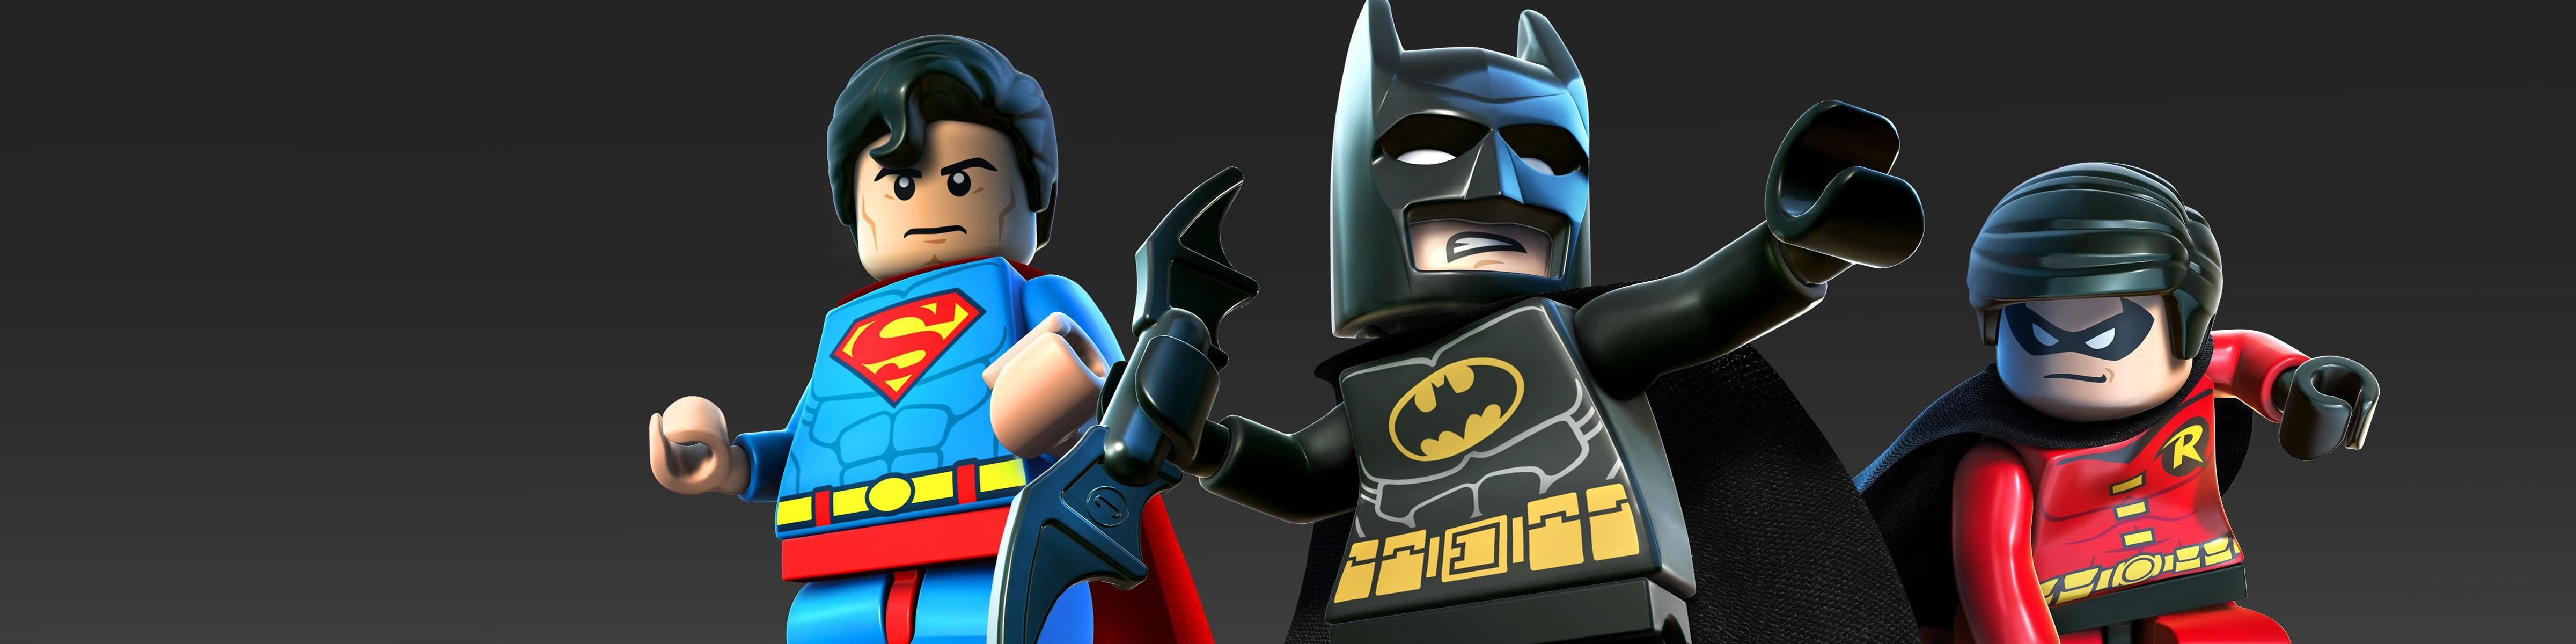 Super Lego® Heroes Dc Batman 2 Yb7Iy6vfg